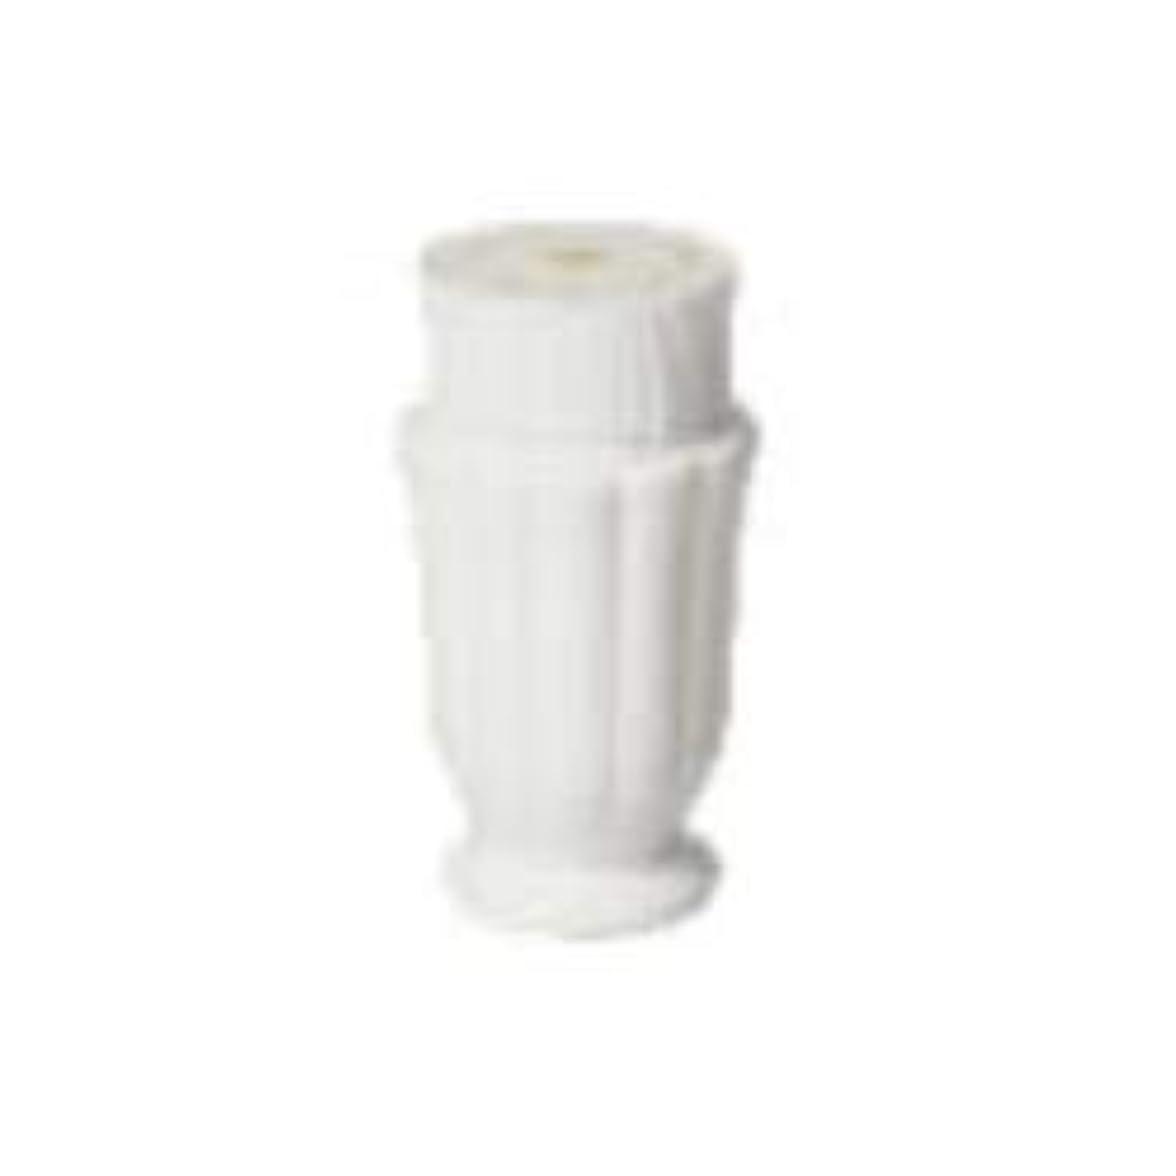 早熟セクタ宝ハリウッド アクシアストロベリークリーム(60g)